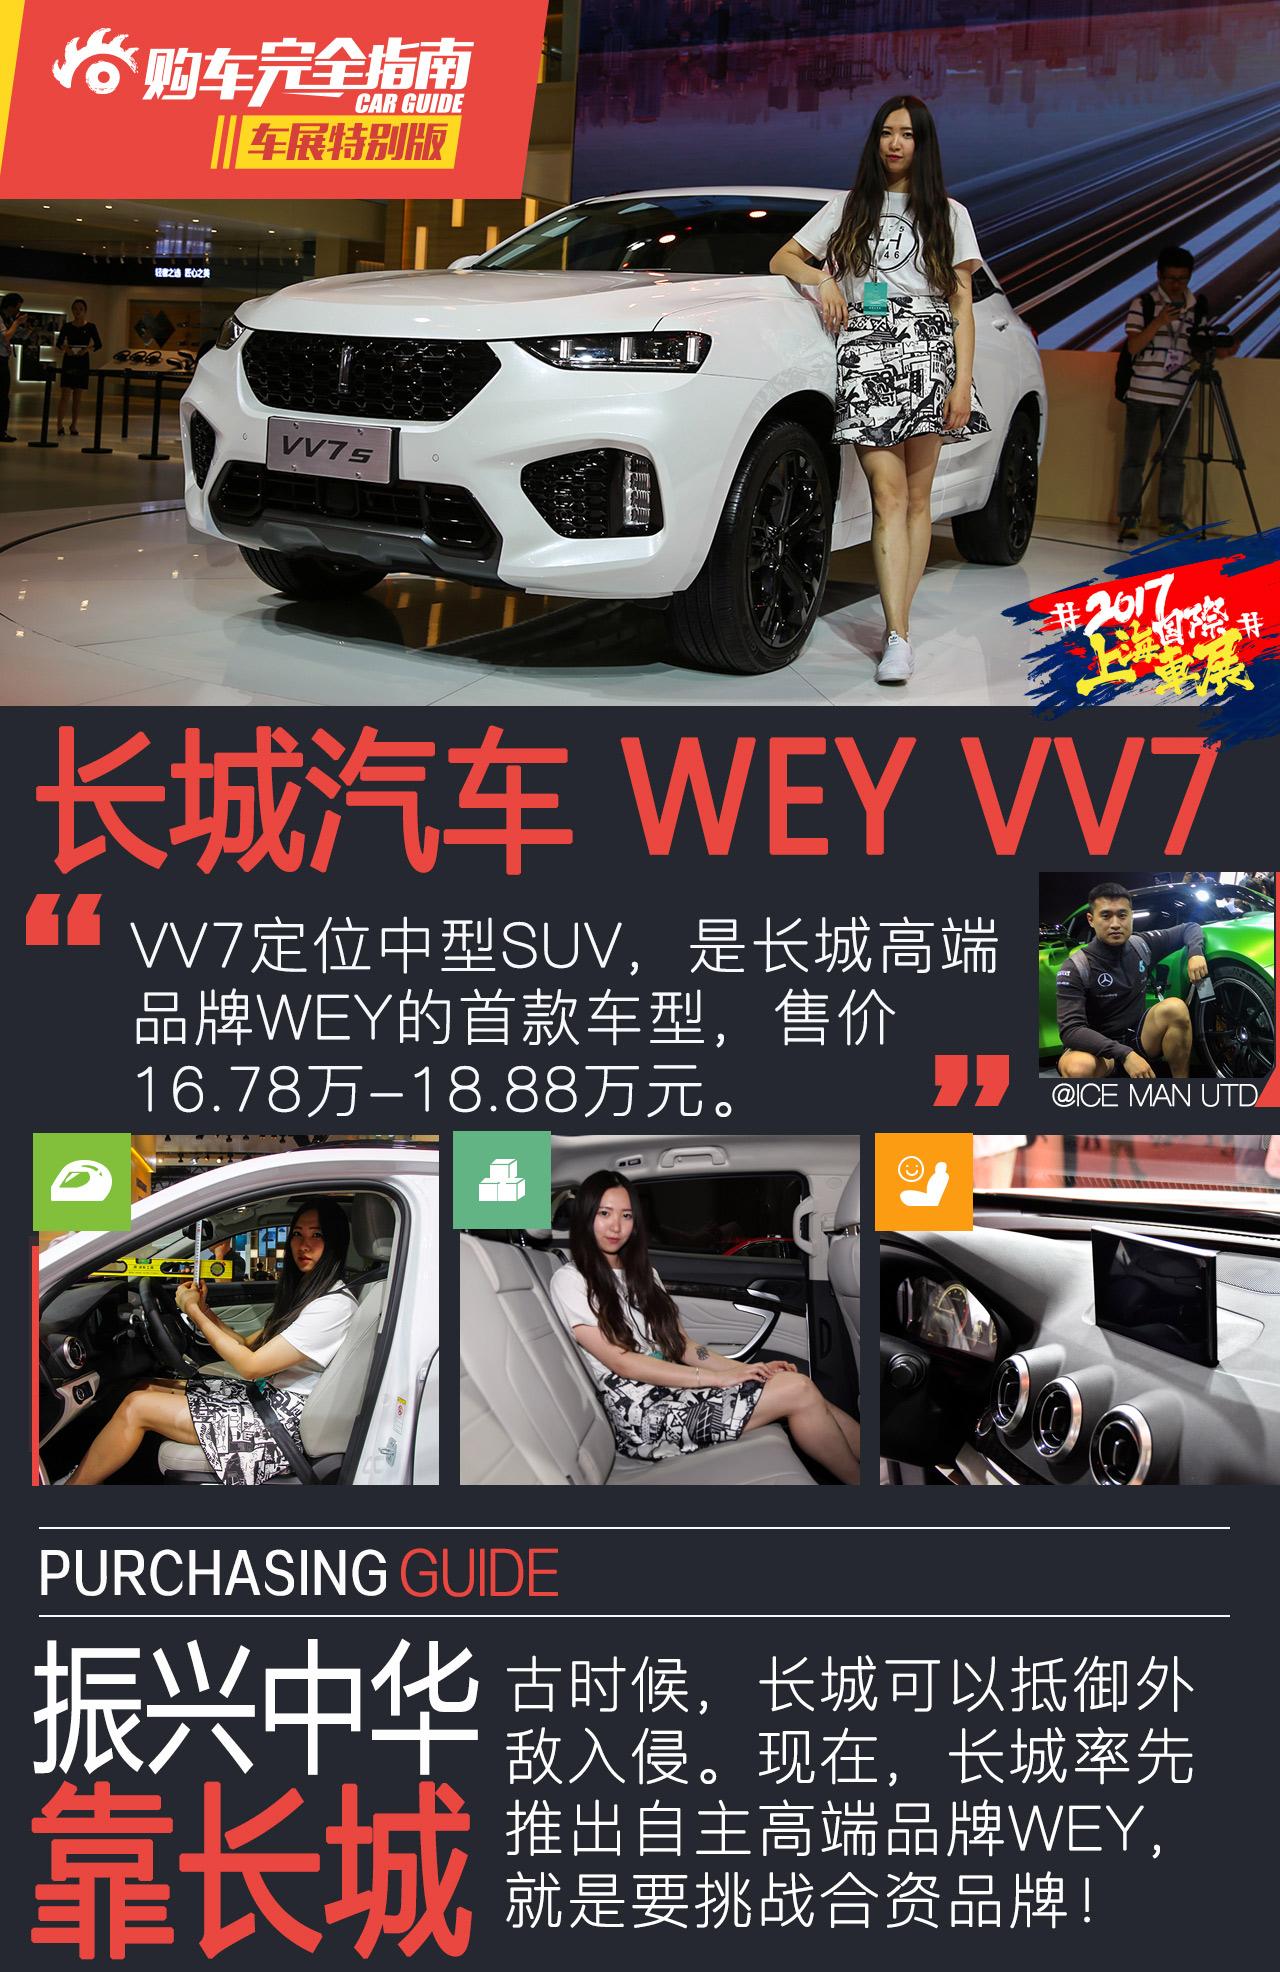 长城汽车 WEY VV7s高清图片